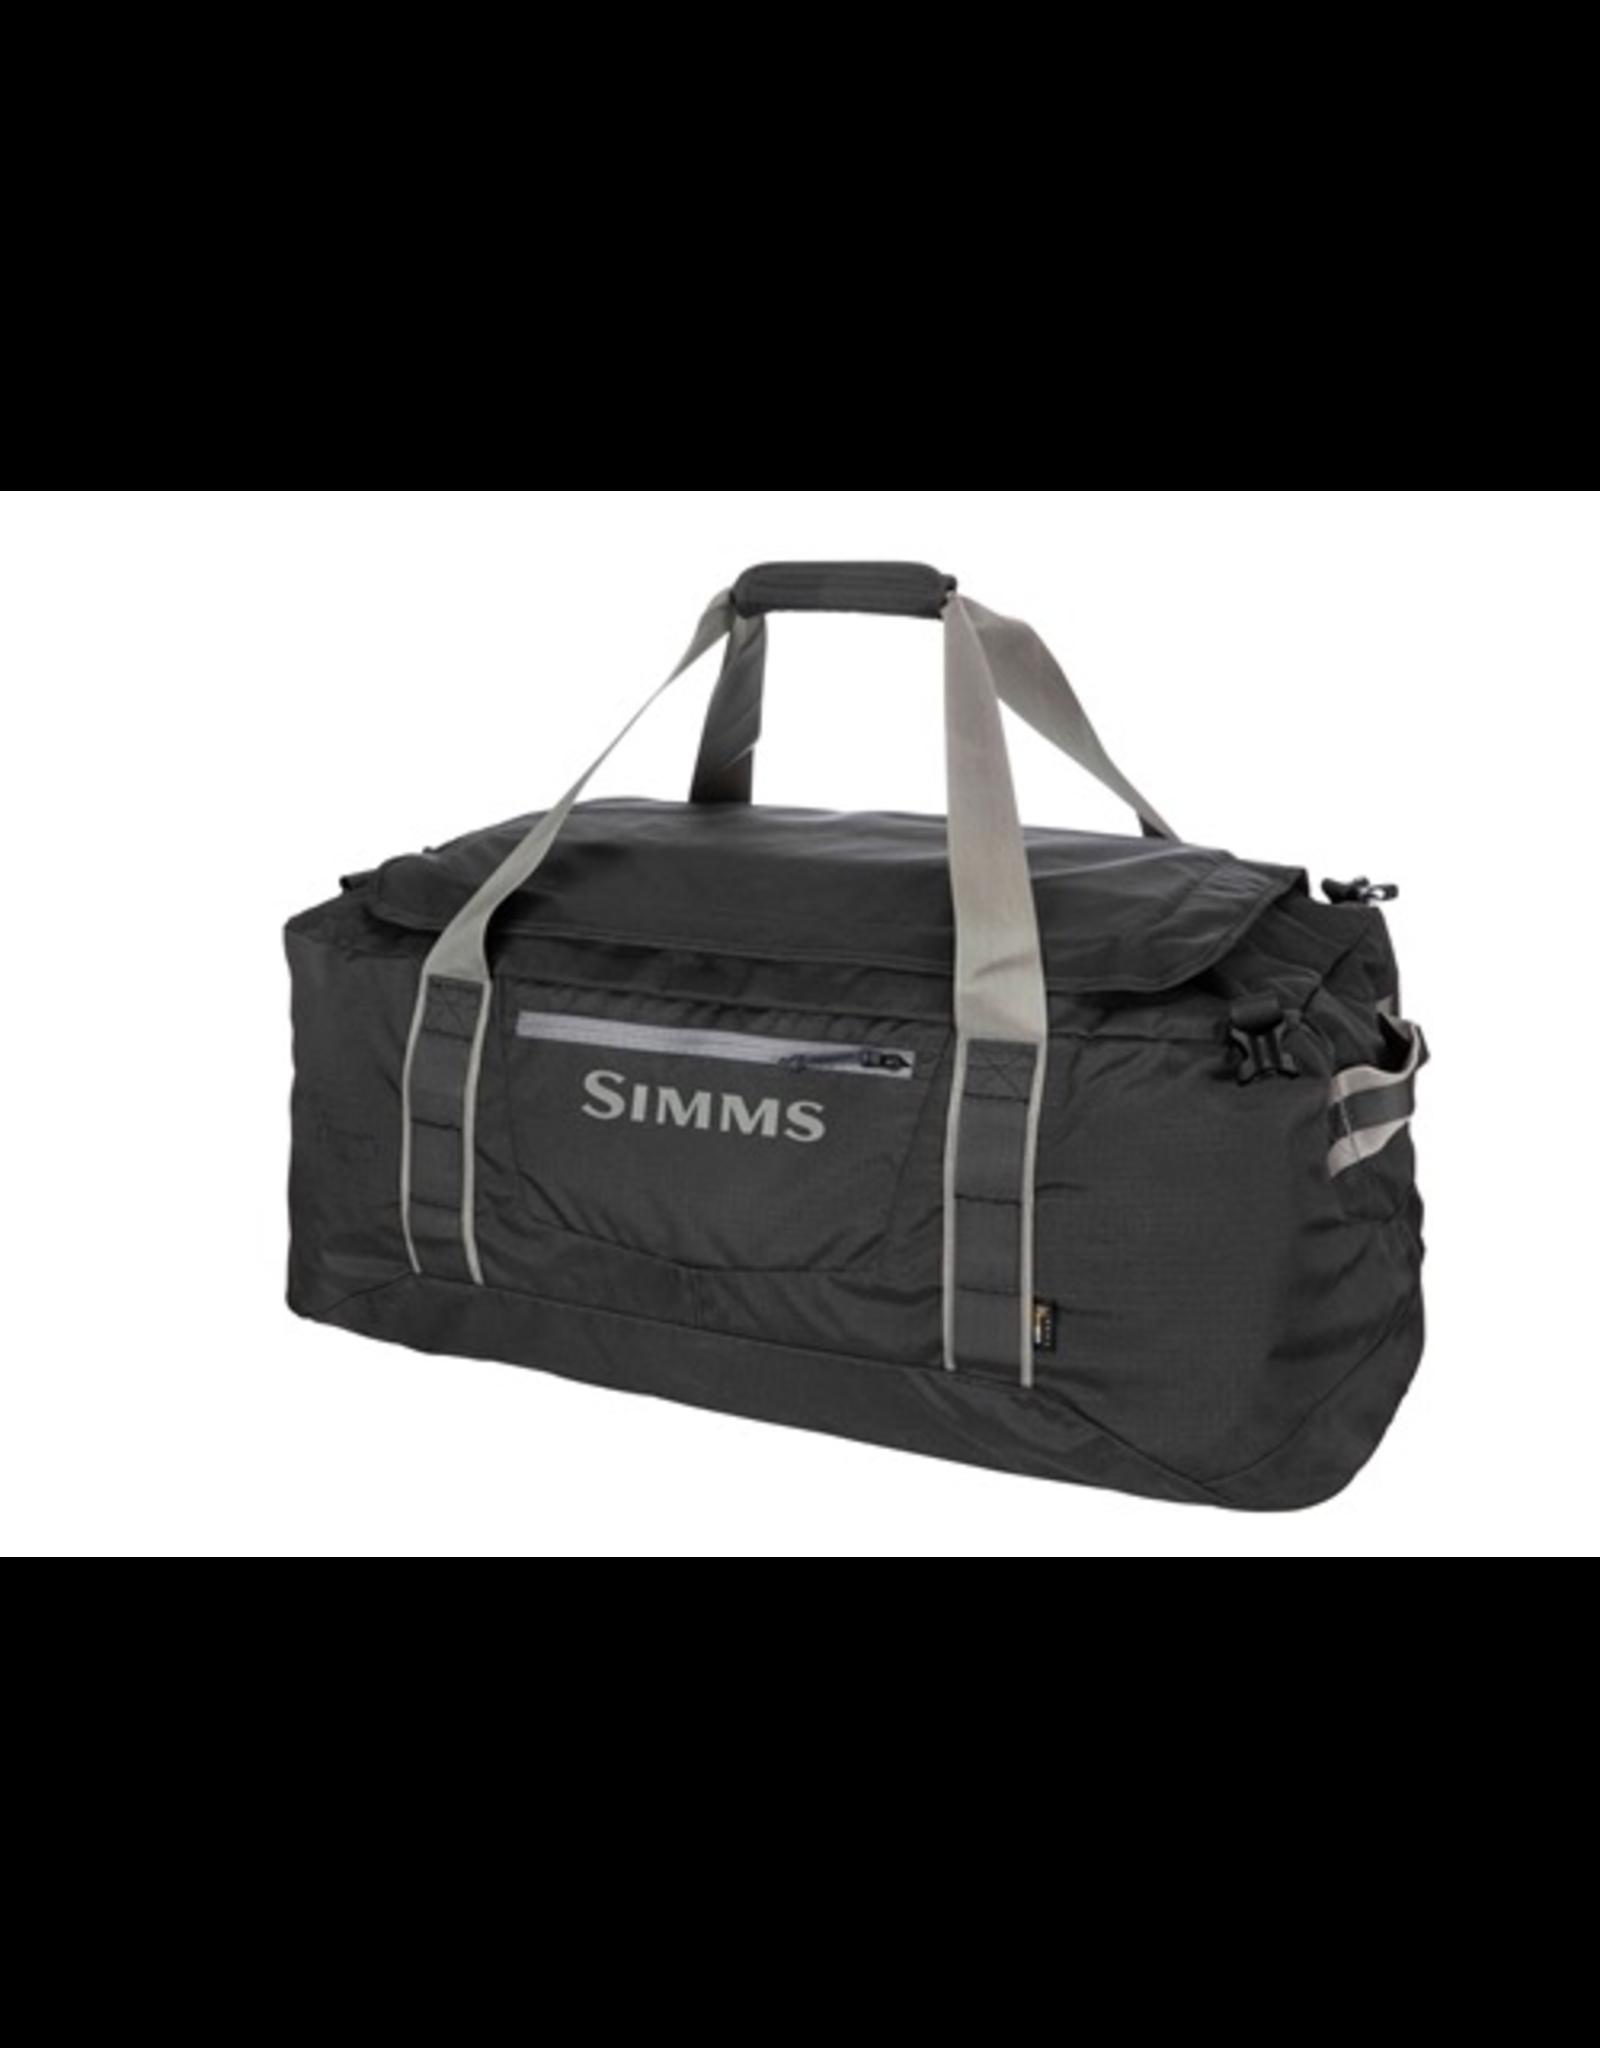 Simms SIMMS GTS Gear Duffel (80L) Carbon